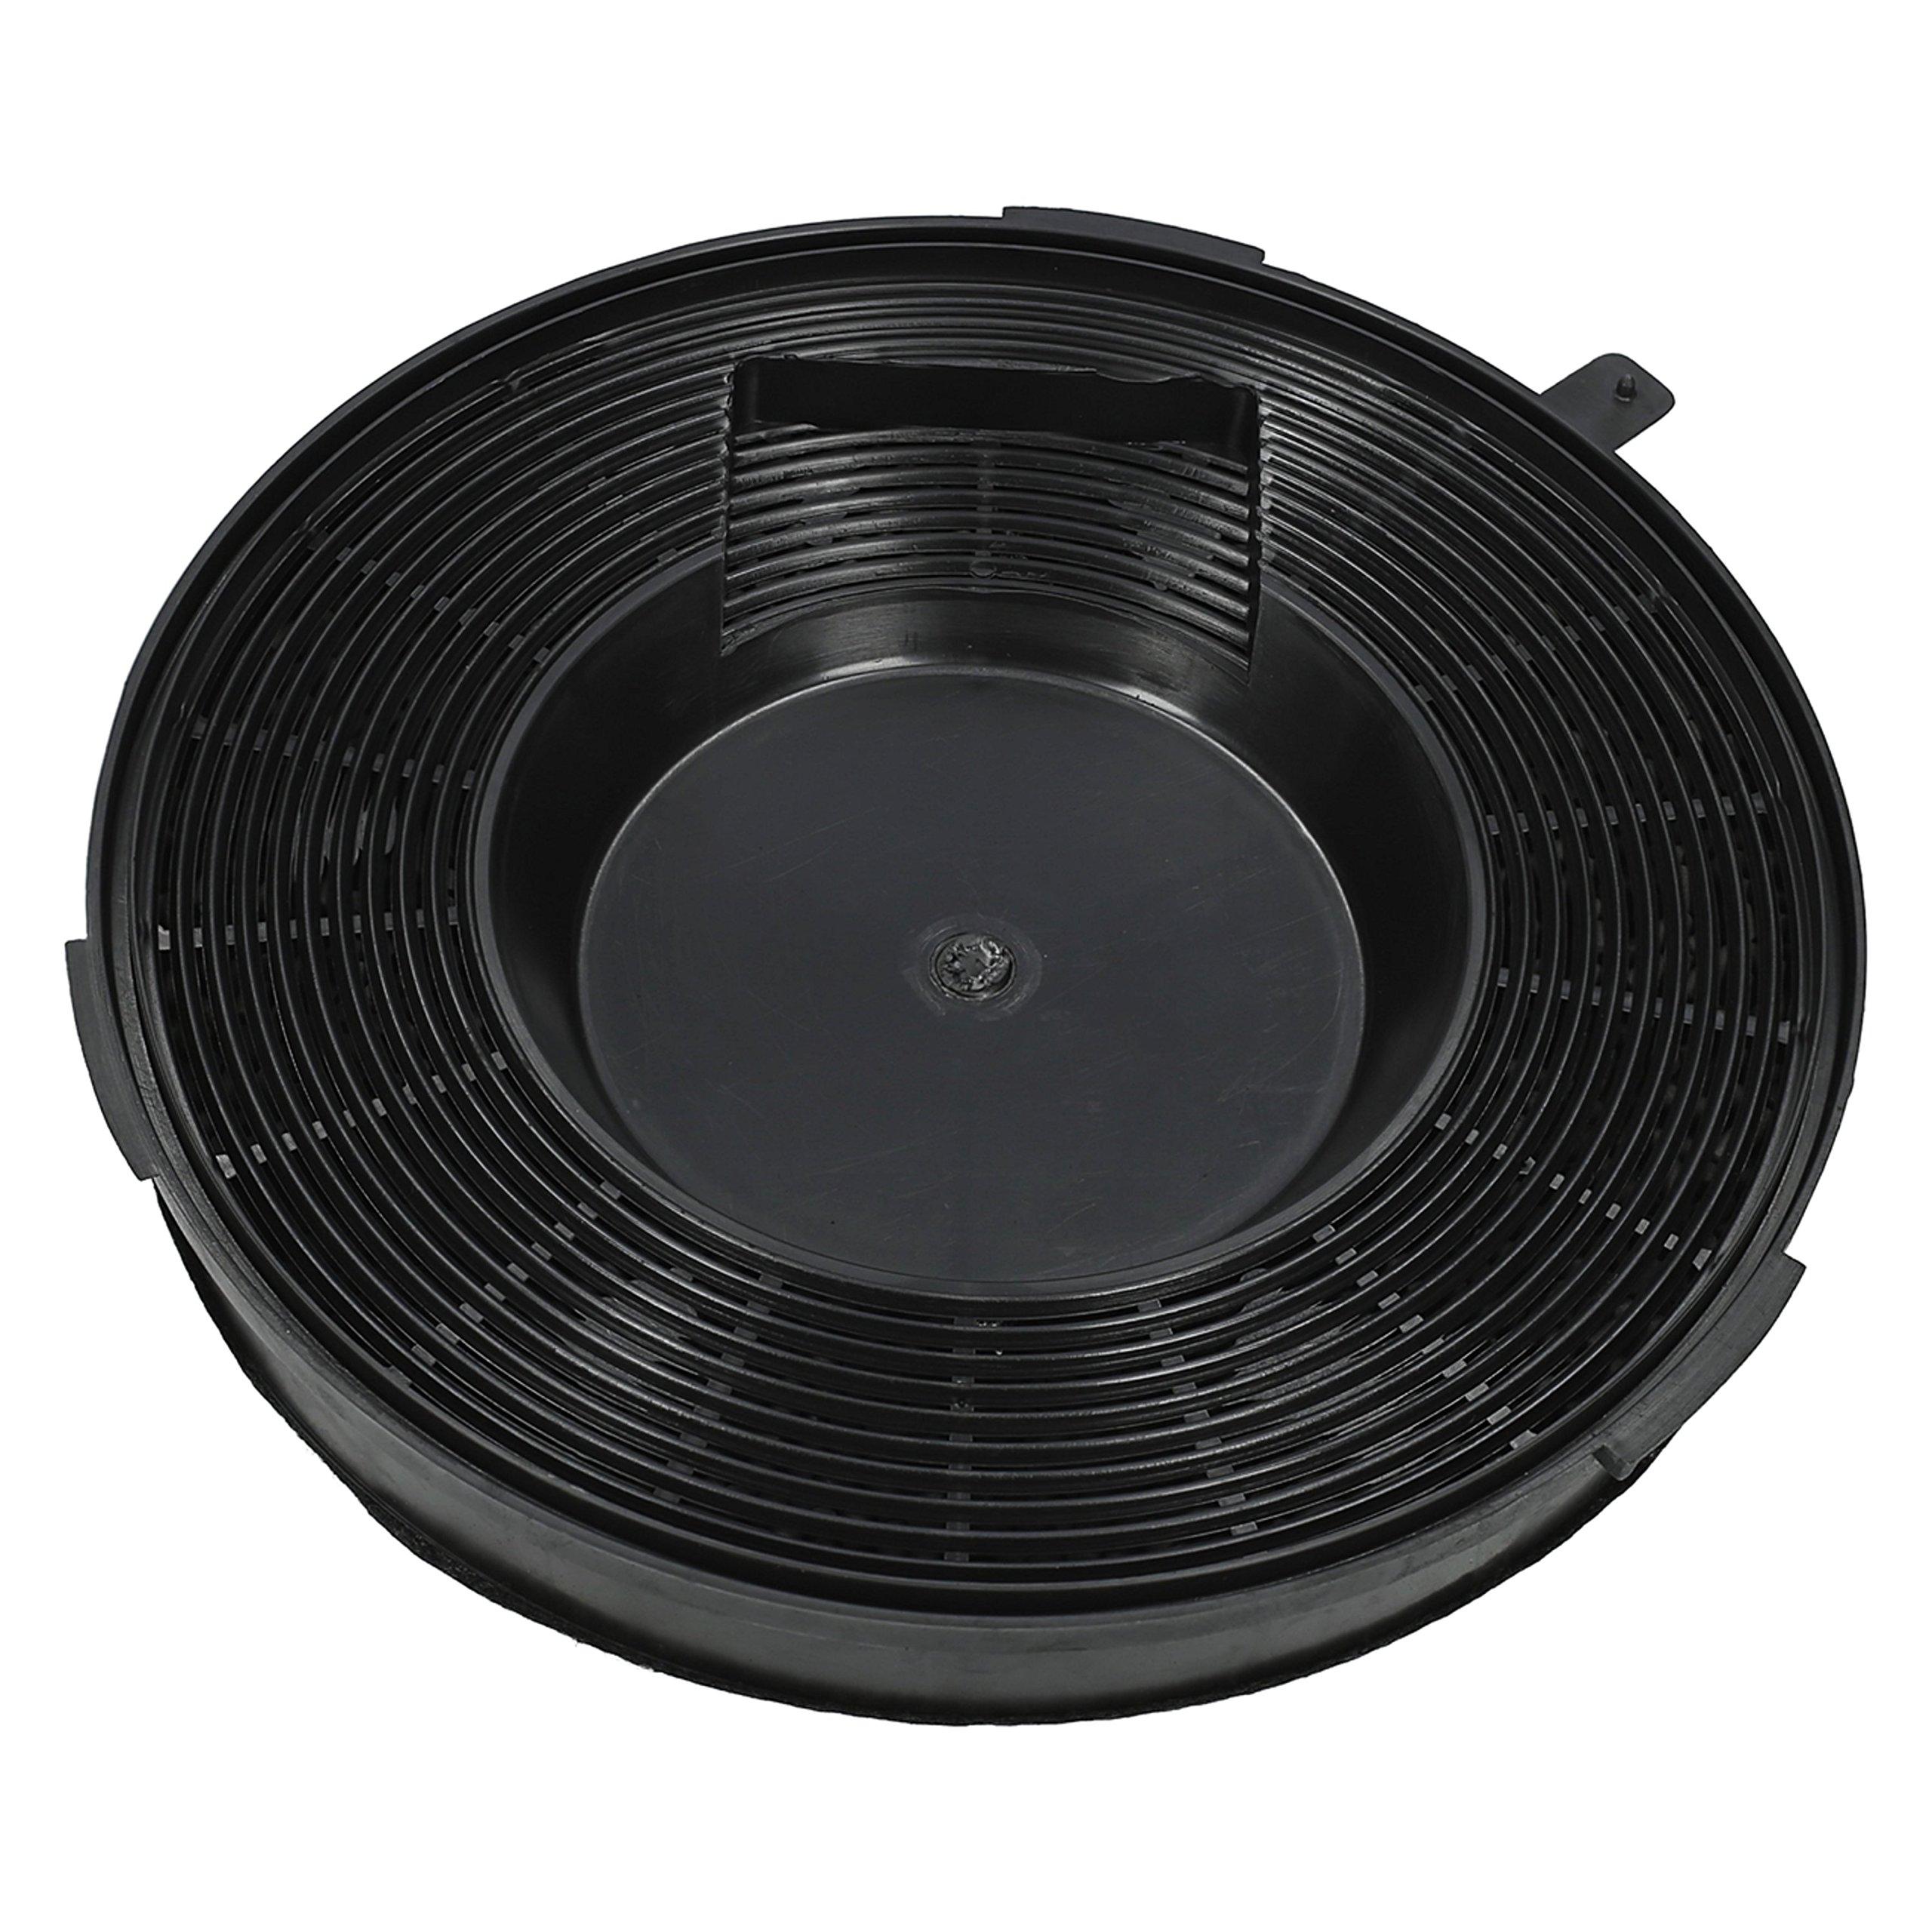 WESSPER® Campana extractora filtro para Whirlpool AKR420IX-1 (redonda, carbón): Amazon.es: Grandes electrodomésticos